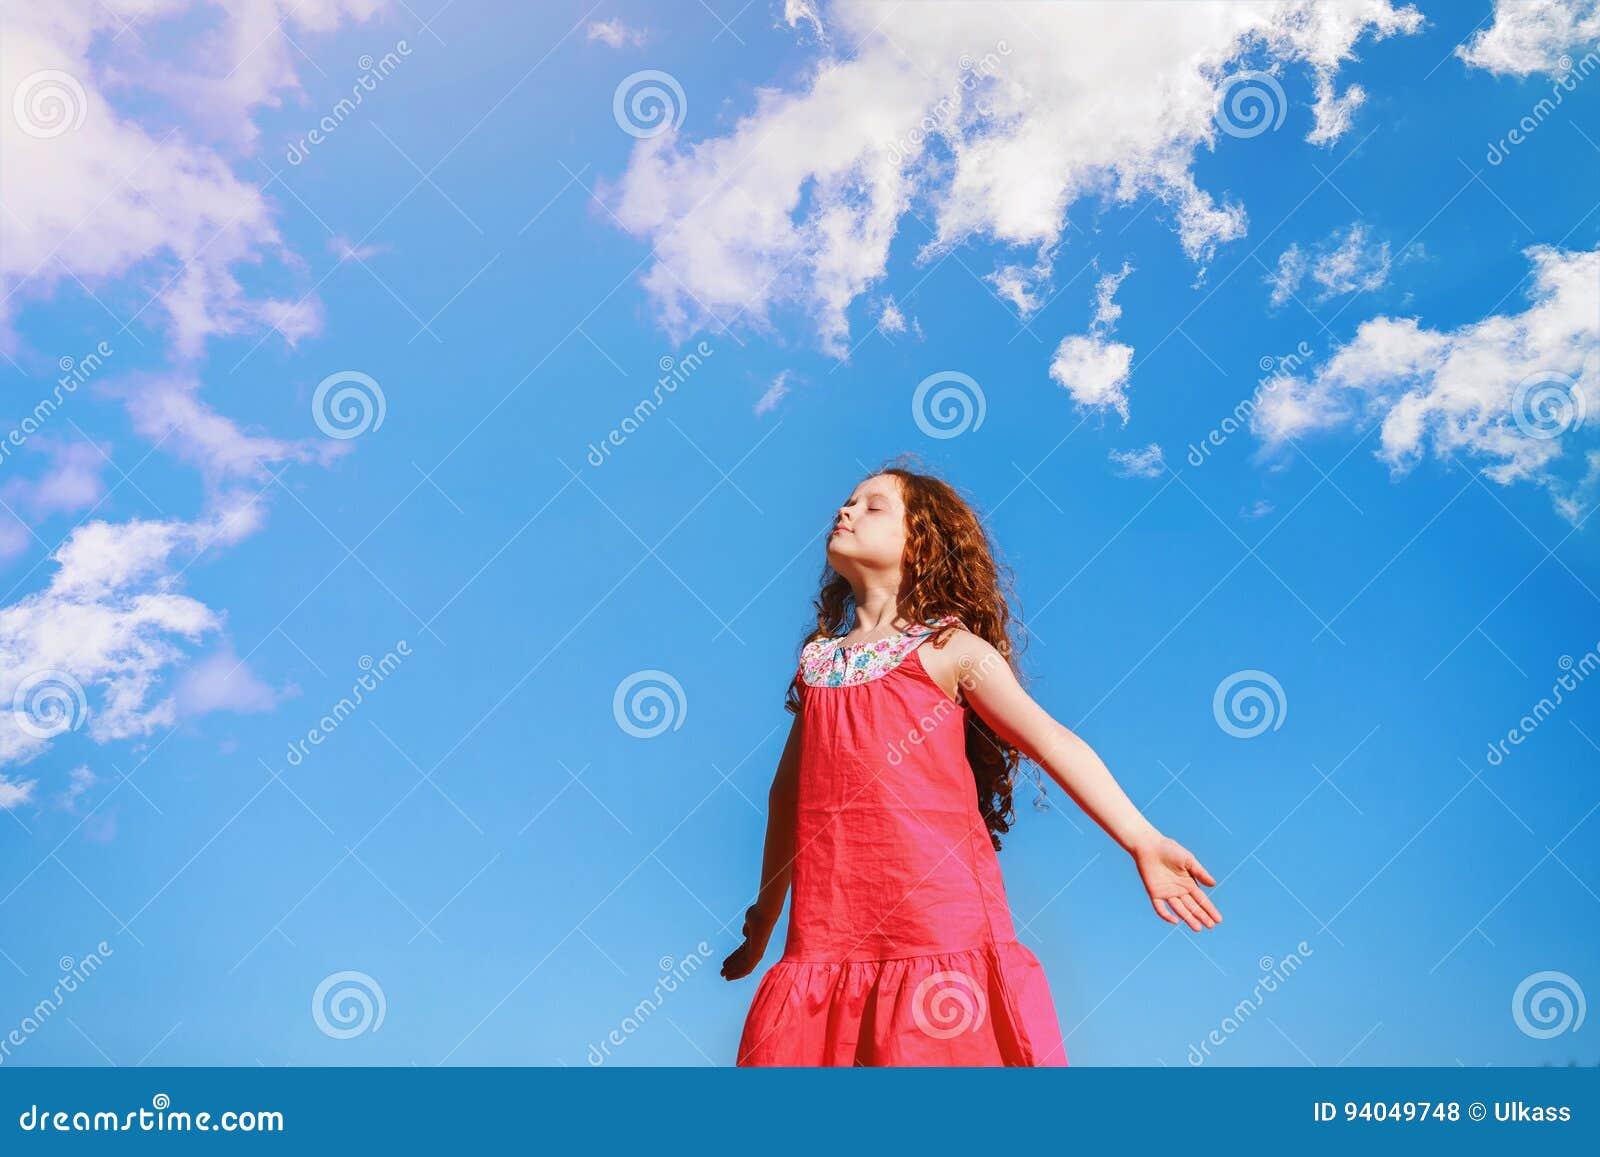 La niña la cerró los ojos y respira el aire fresco